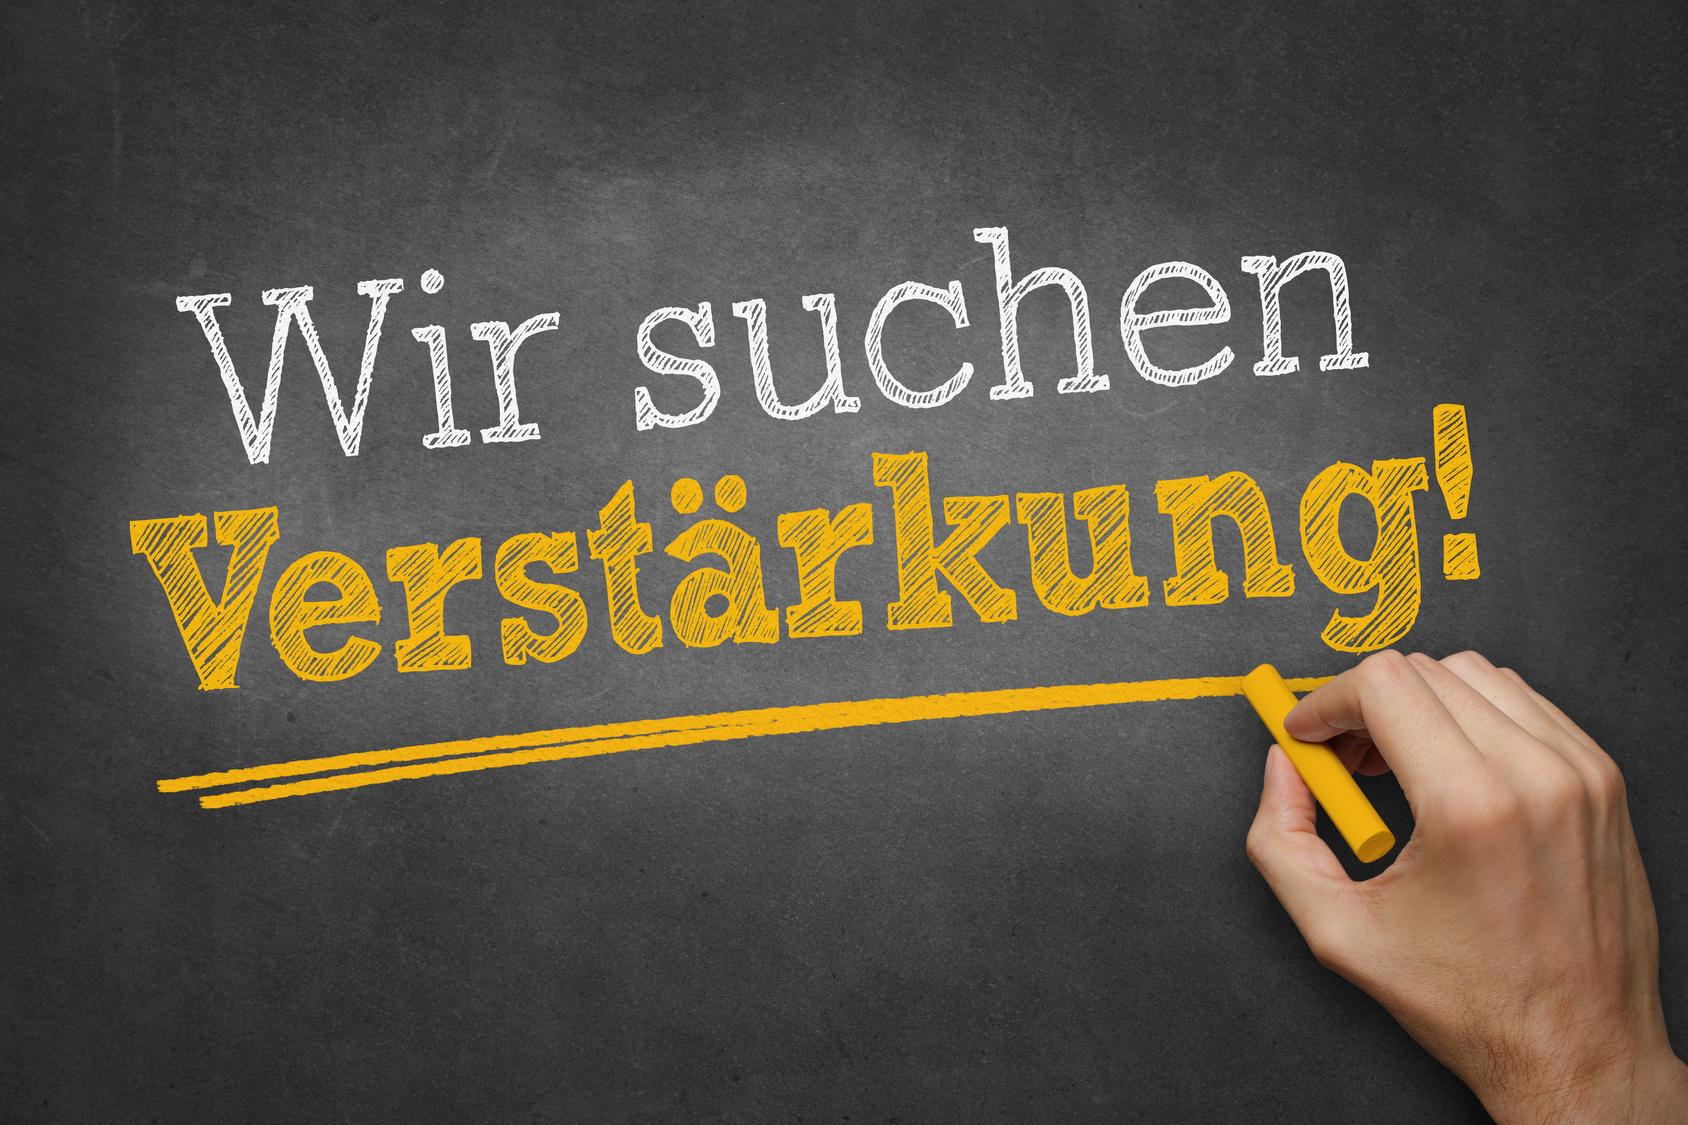 Der Schulverband an der Stecknitz sucht eine pädagogische Fachkraft